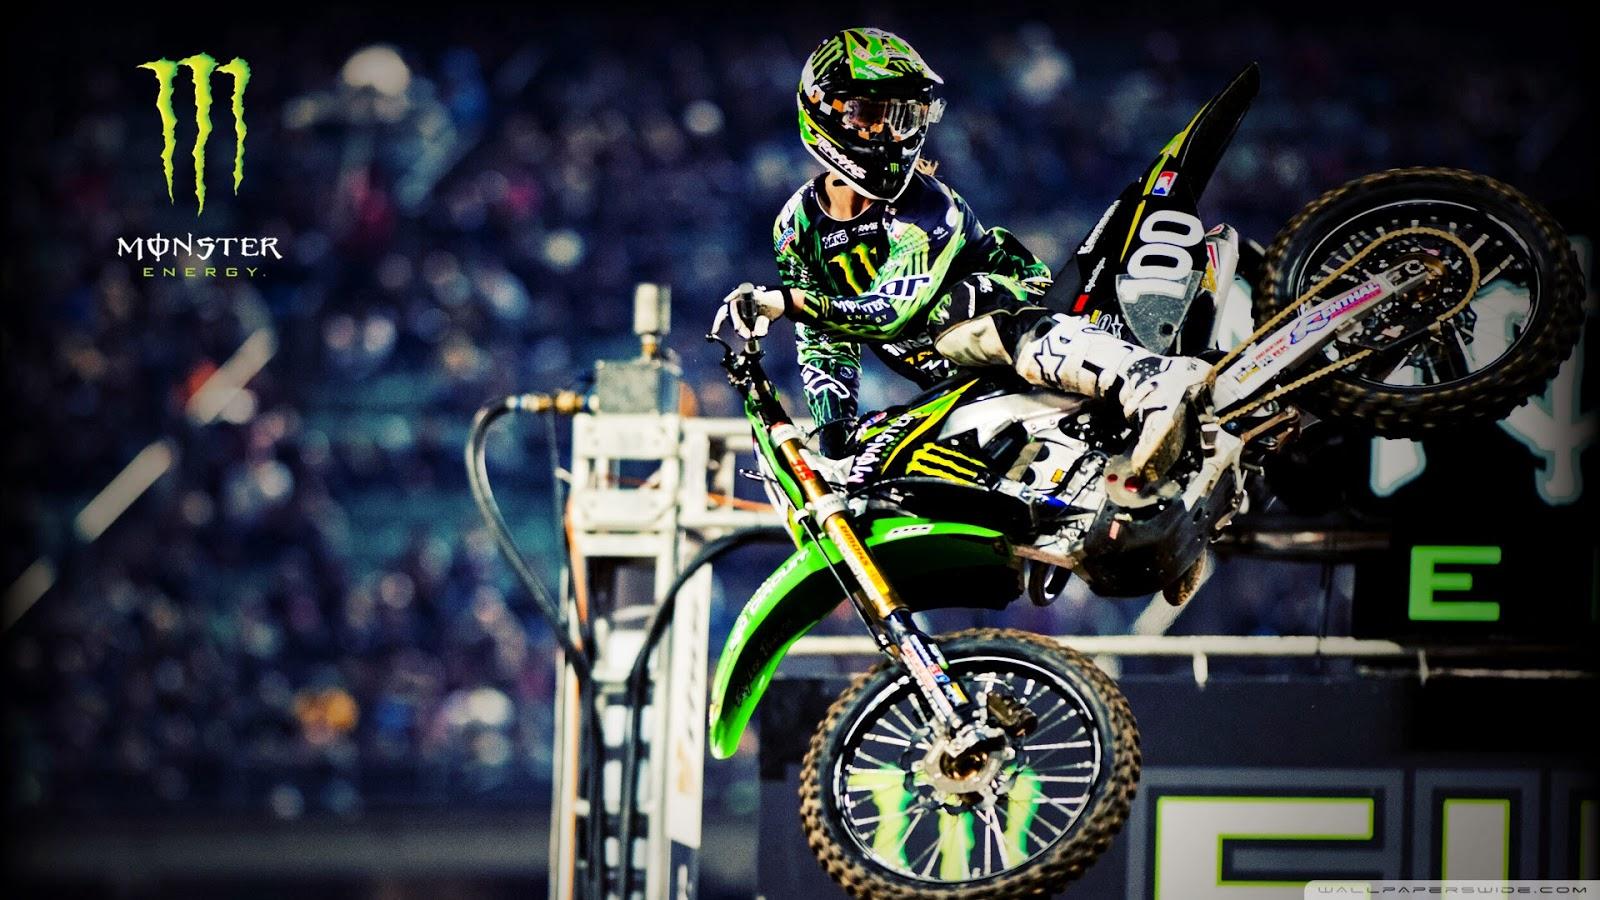 Monster+Energy+Supercross Kumpulan Gambar Motor: Monster Energy ...